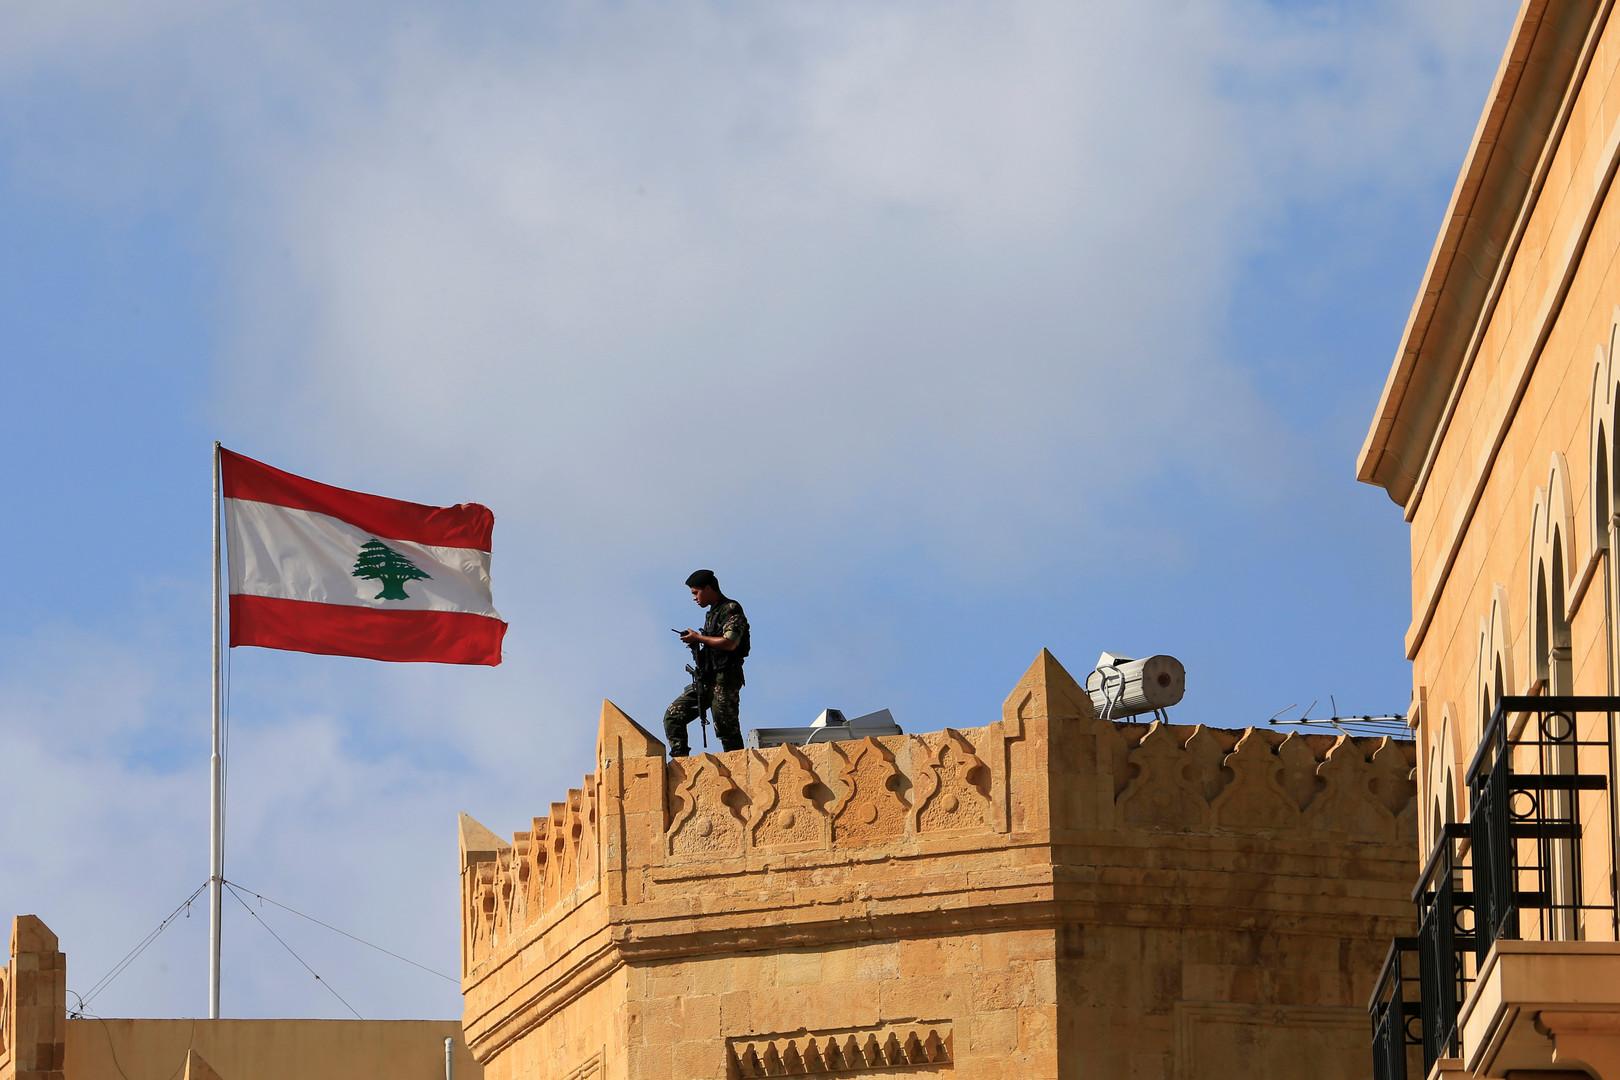 السفارة الأمريكية فيلبنان تحذر رعاياها من